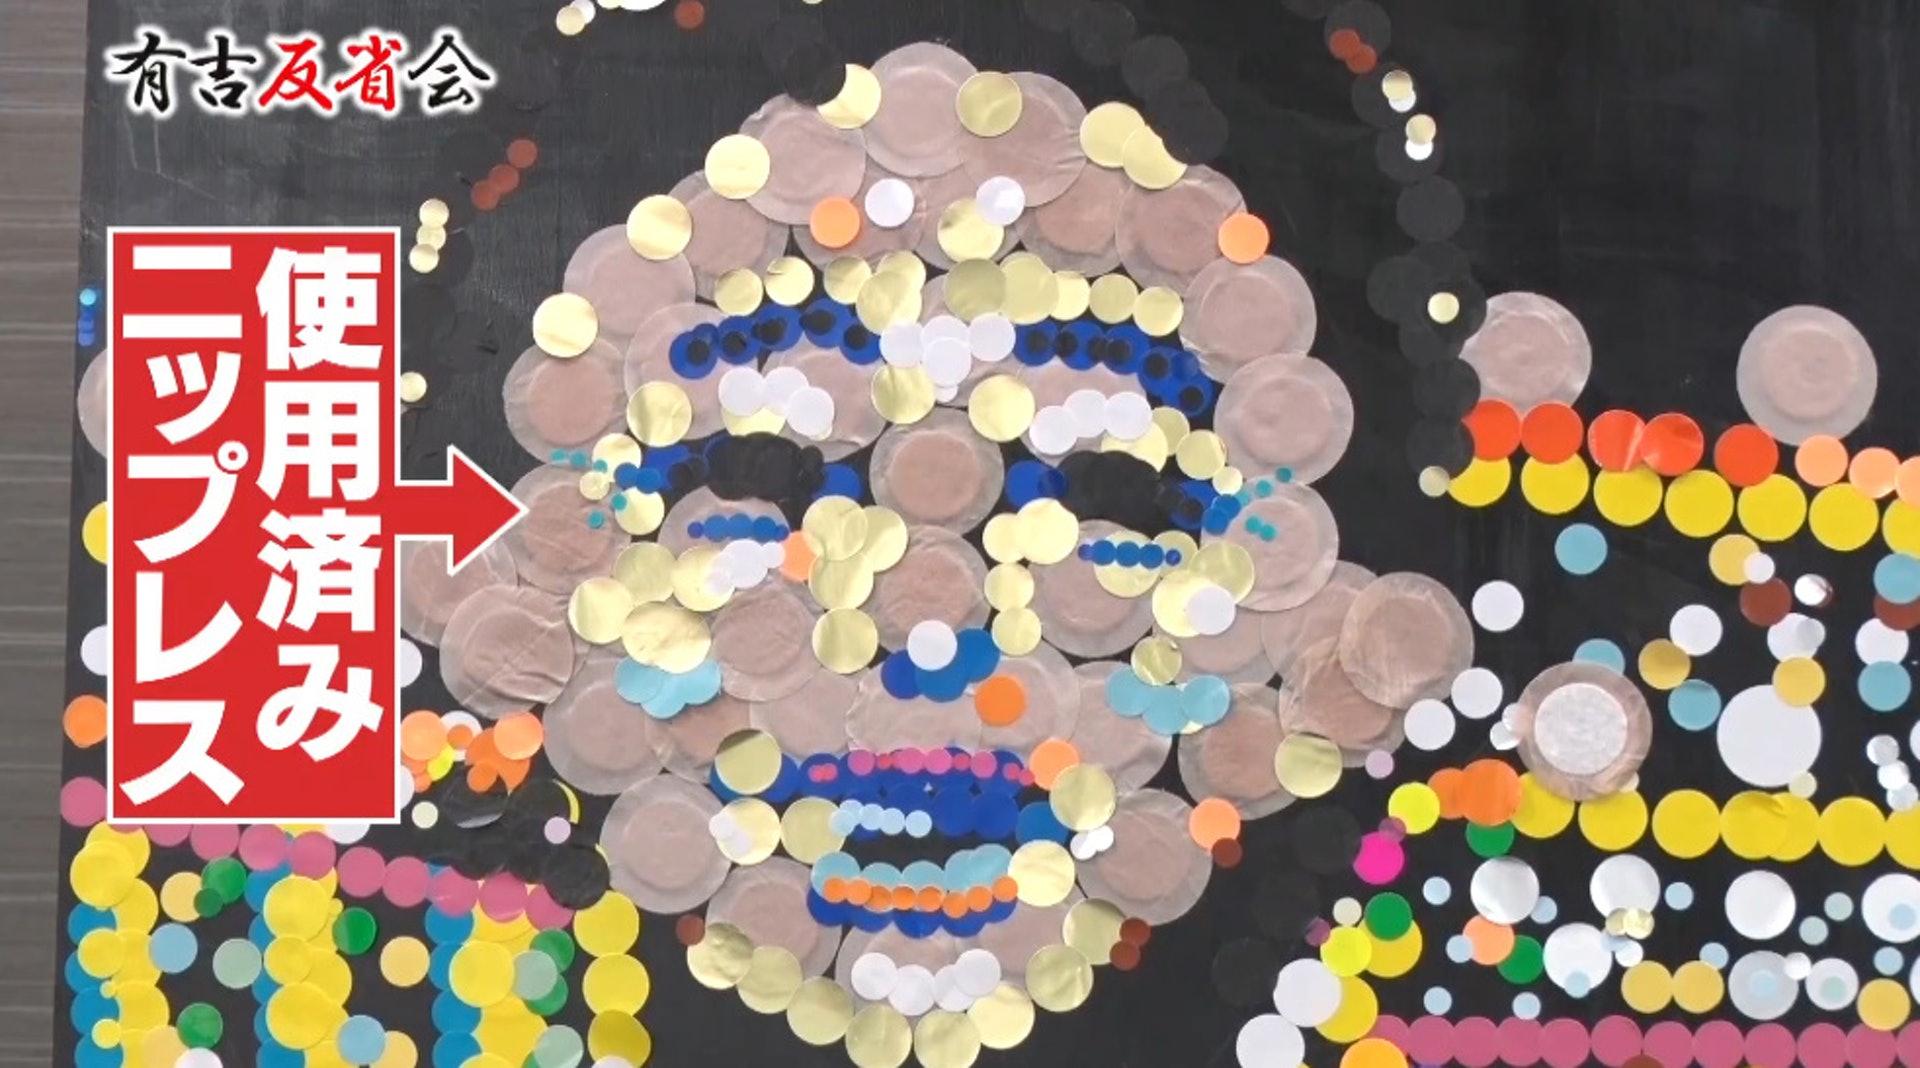 寫真偶像自爆「乳貼用完黏牆上」 打造「一張人臉」用來感謝社長!